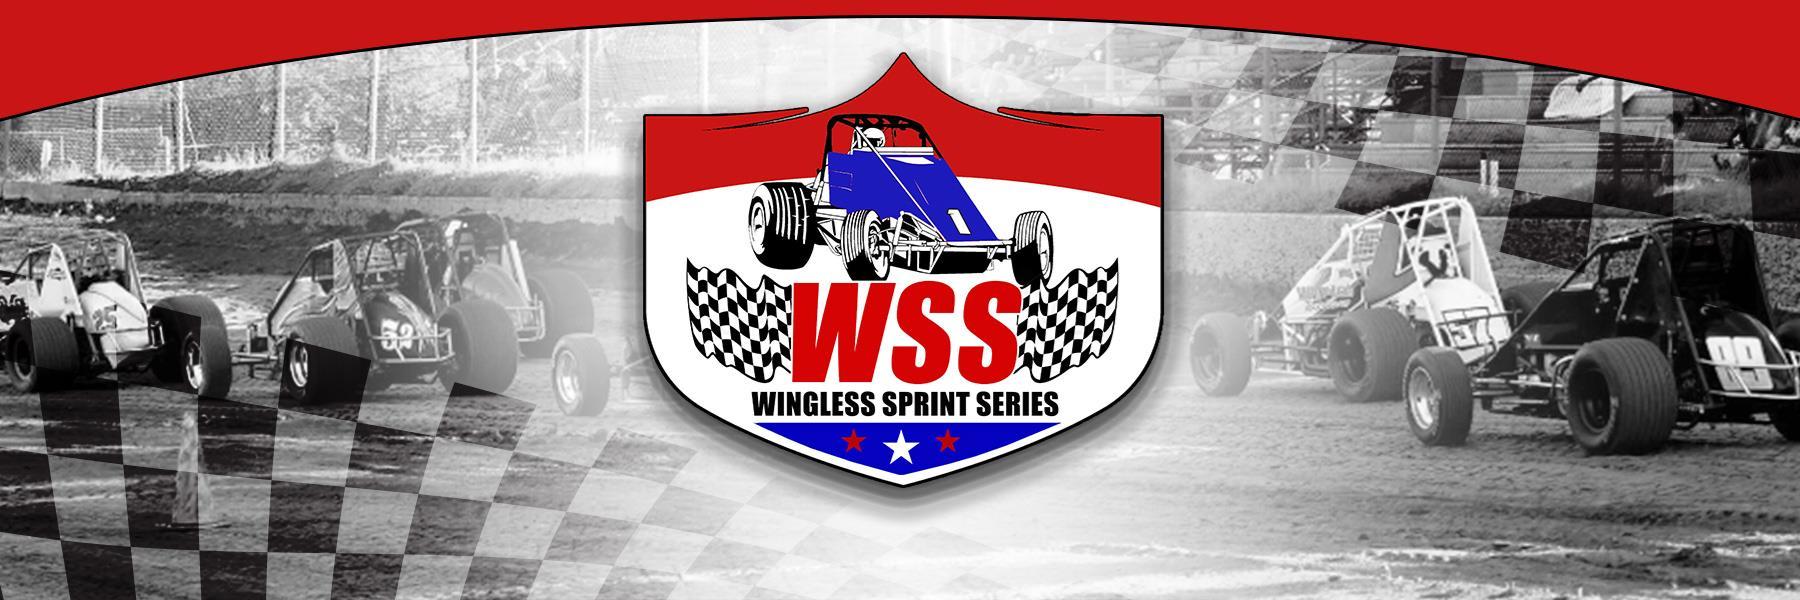 WSS - Wingless Sprint Series